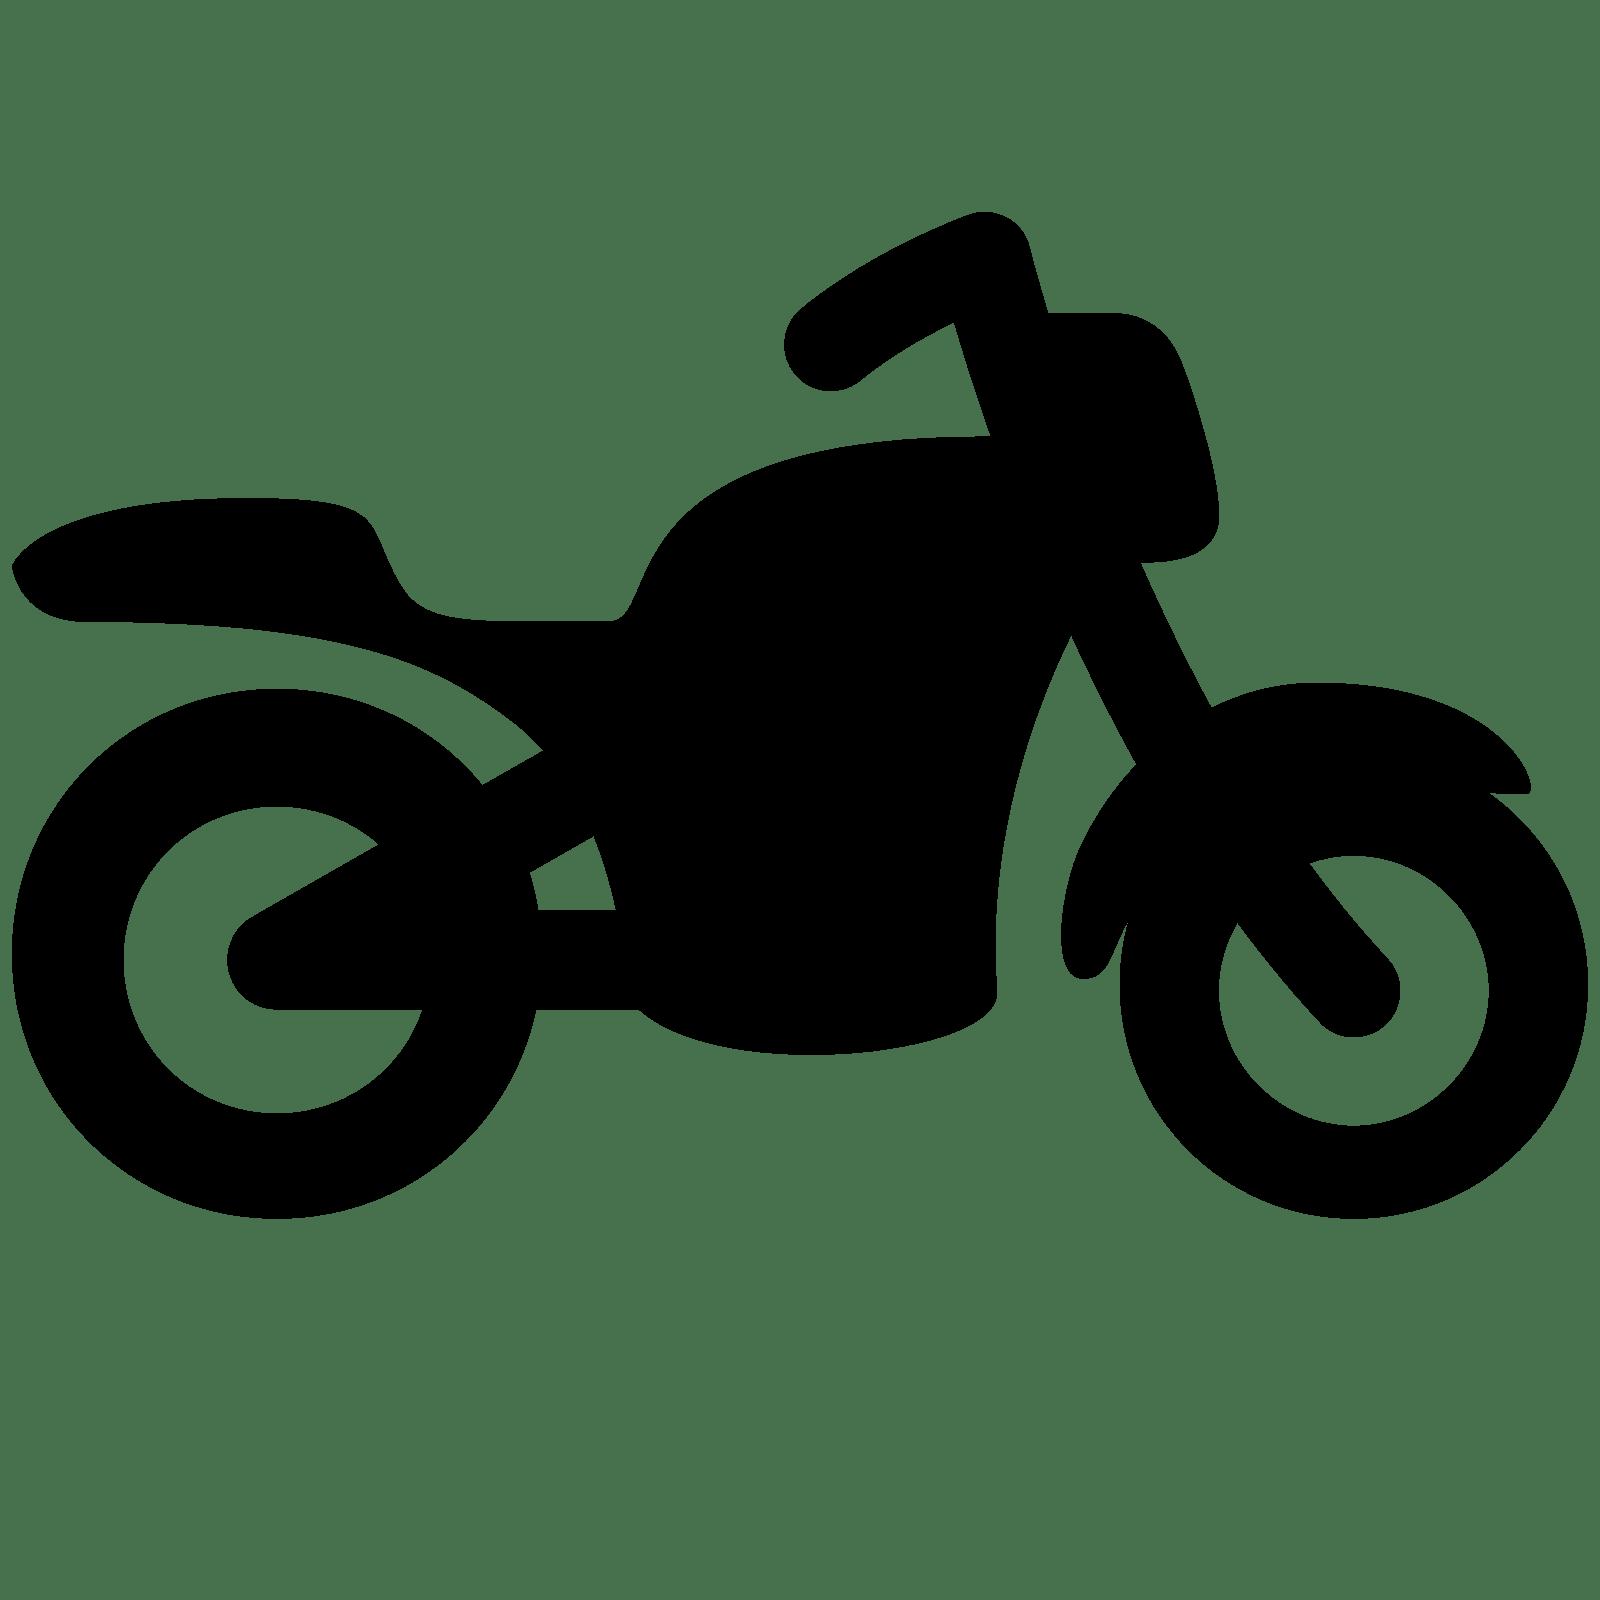 permisos motocicleta vector